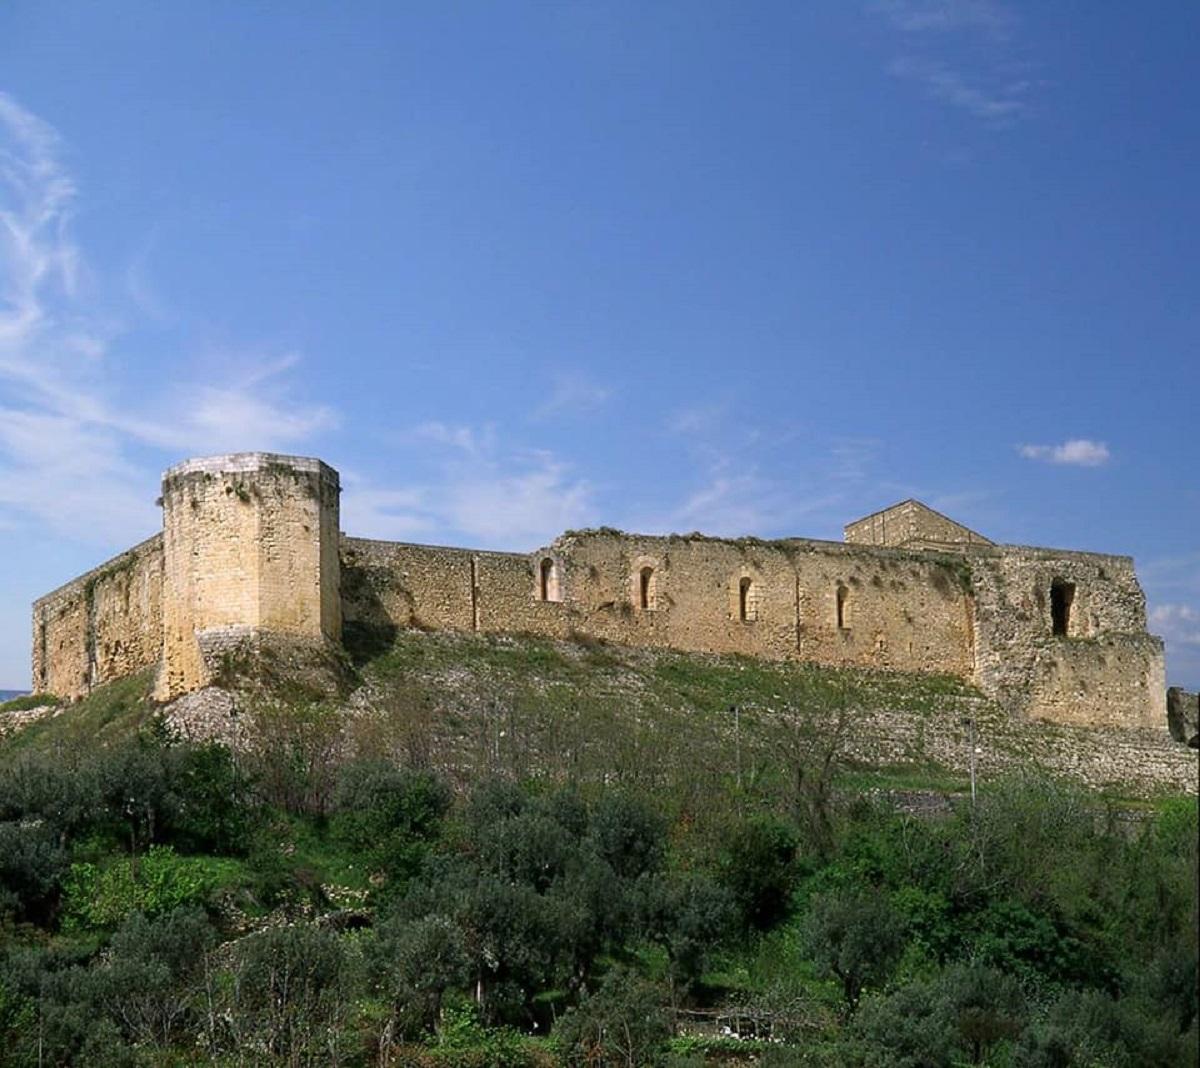 castelli normanni in italia meridionale